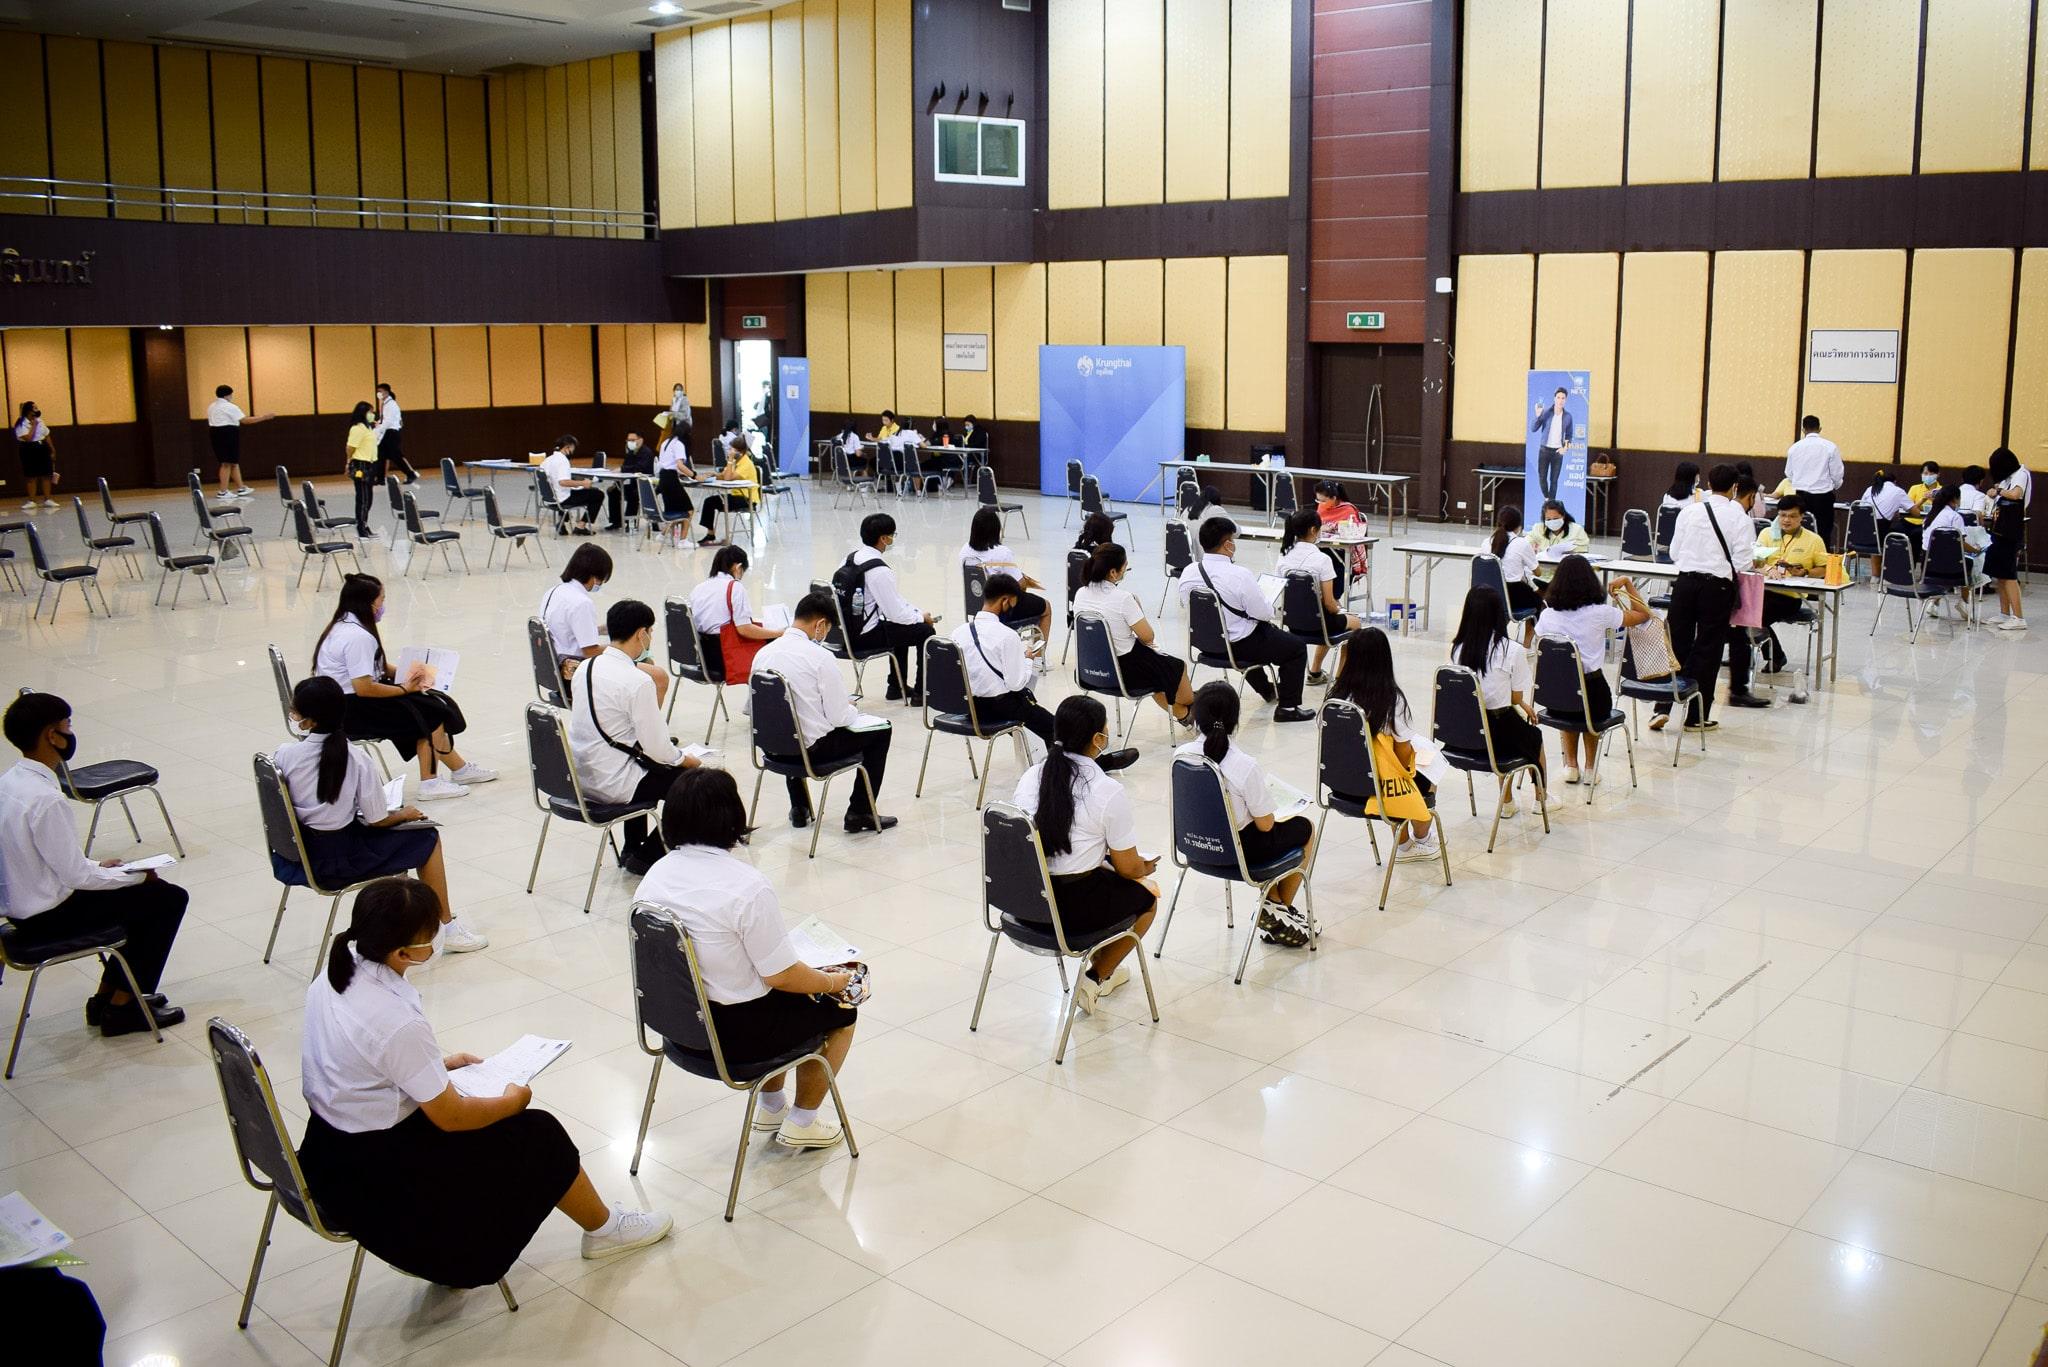 รายงานตัวนักศึกษา คณะวิทยาการจัดการ ปีการศึกษา 2563